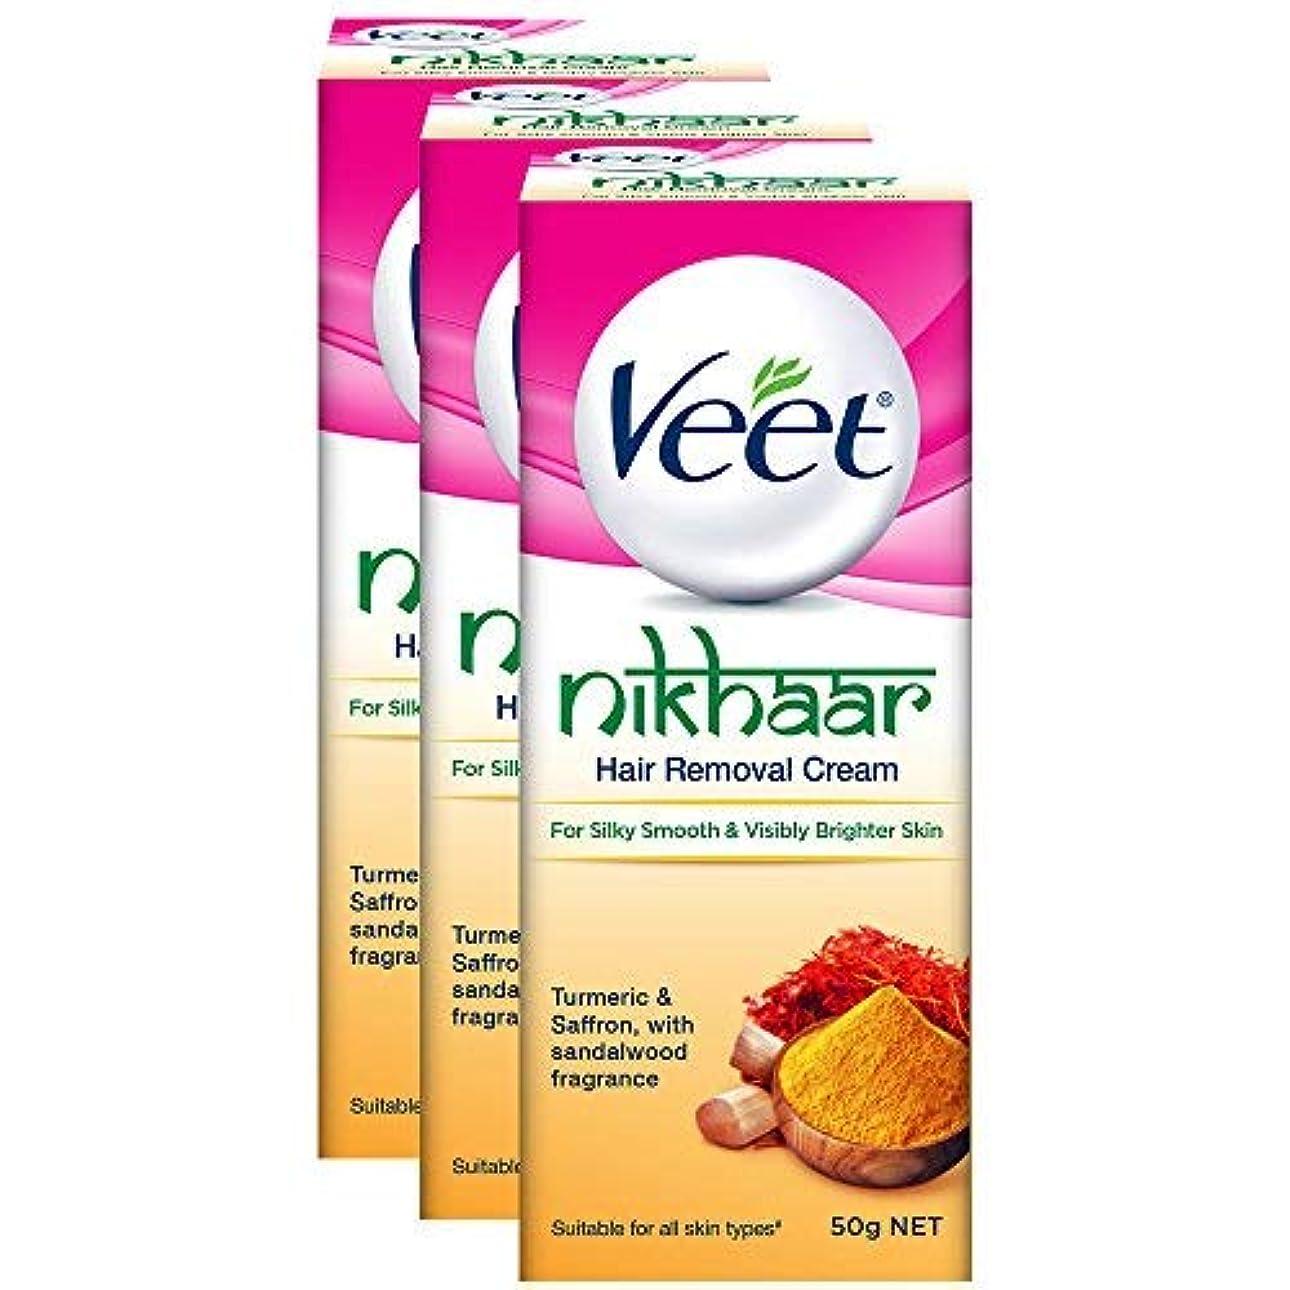 ワーディアンケースパーツ神経Veet Nikhaar Hair Removal Cream for All Skin Types - 50 g (Pack of 3) [並行輸入品]